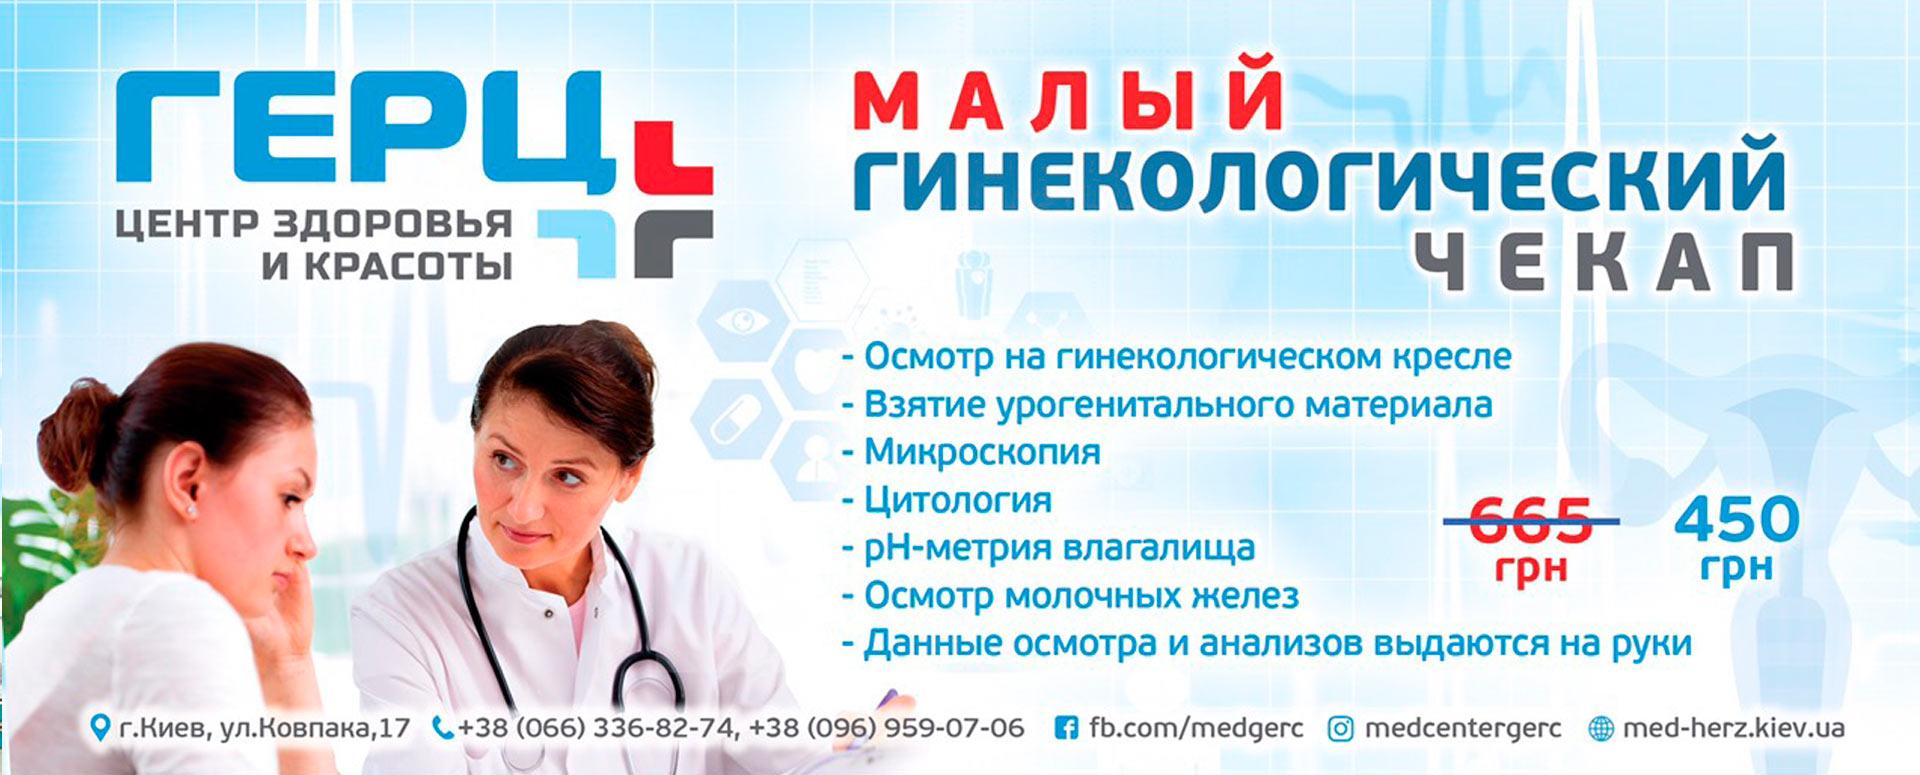 Малый гинекологический check-up